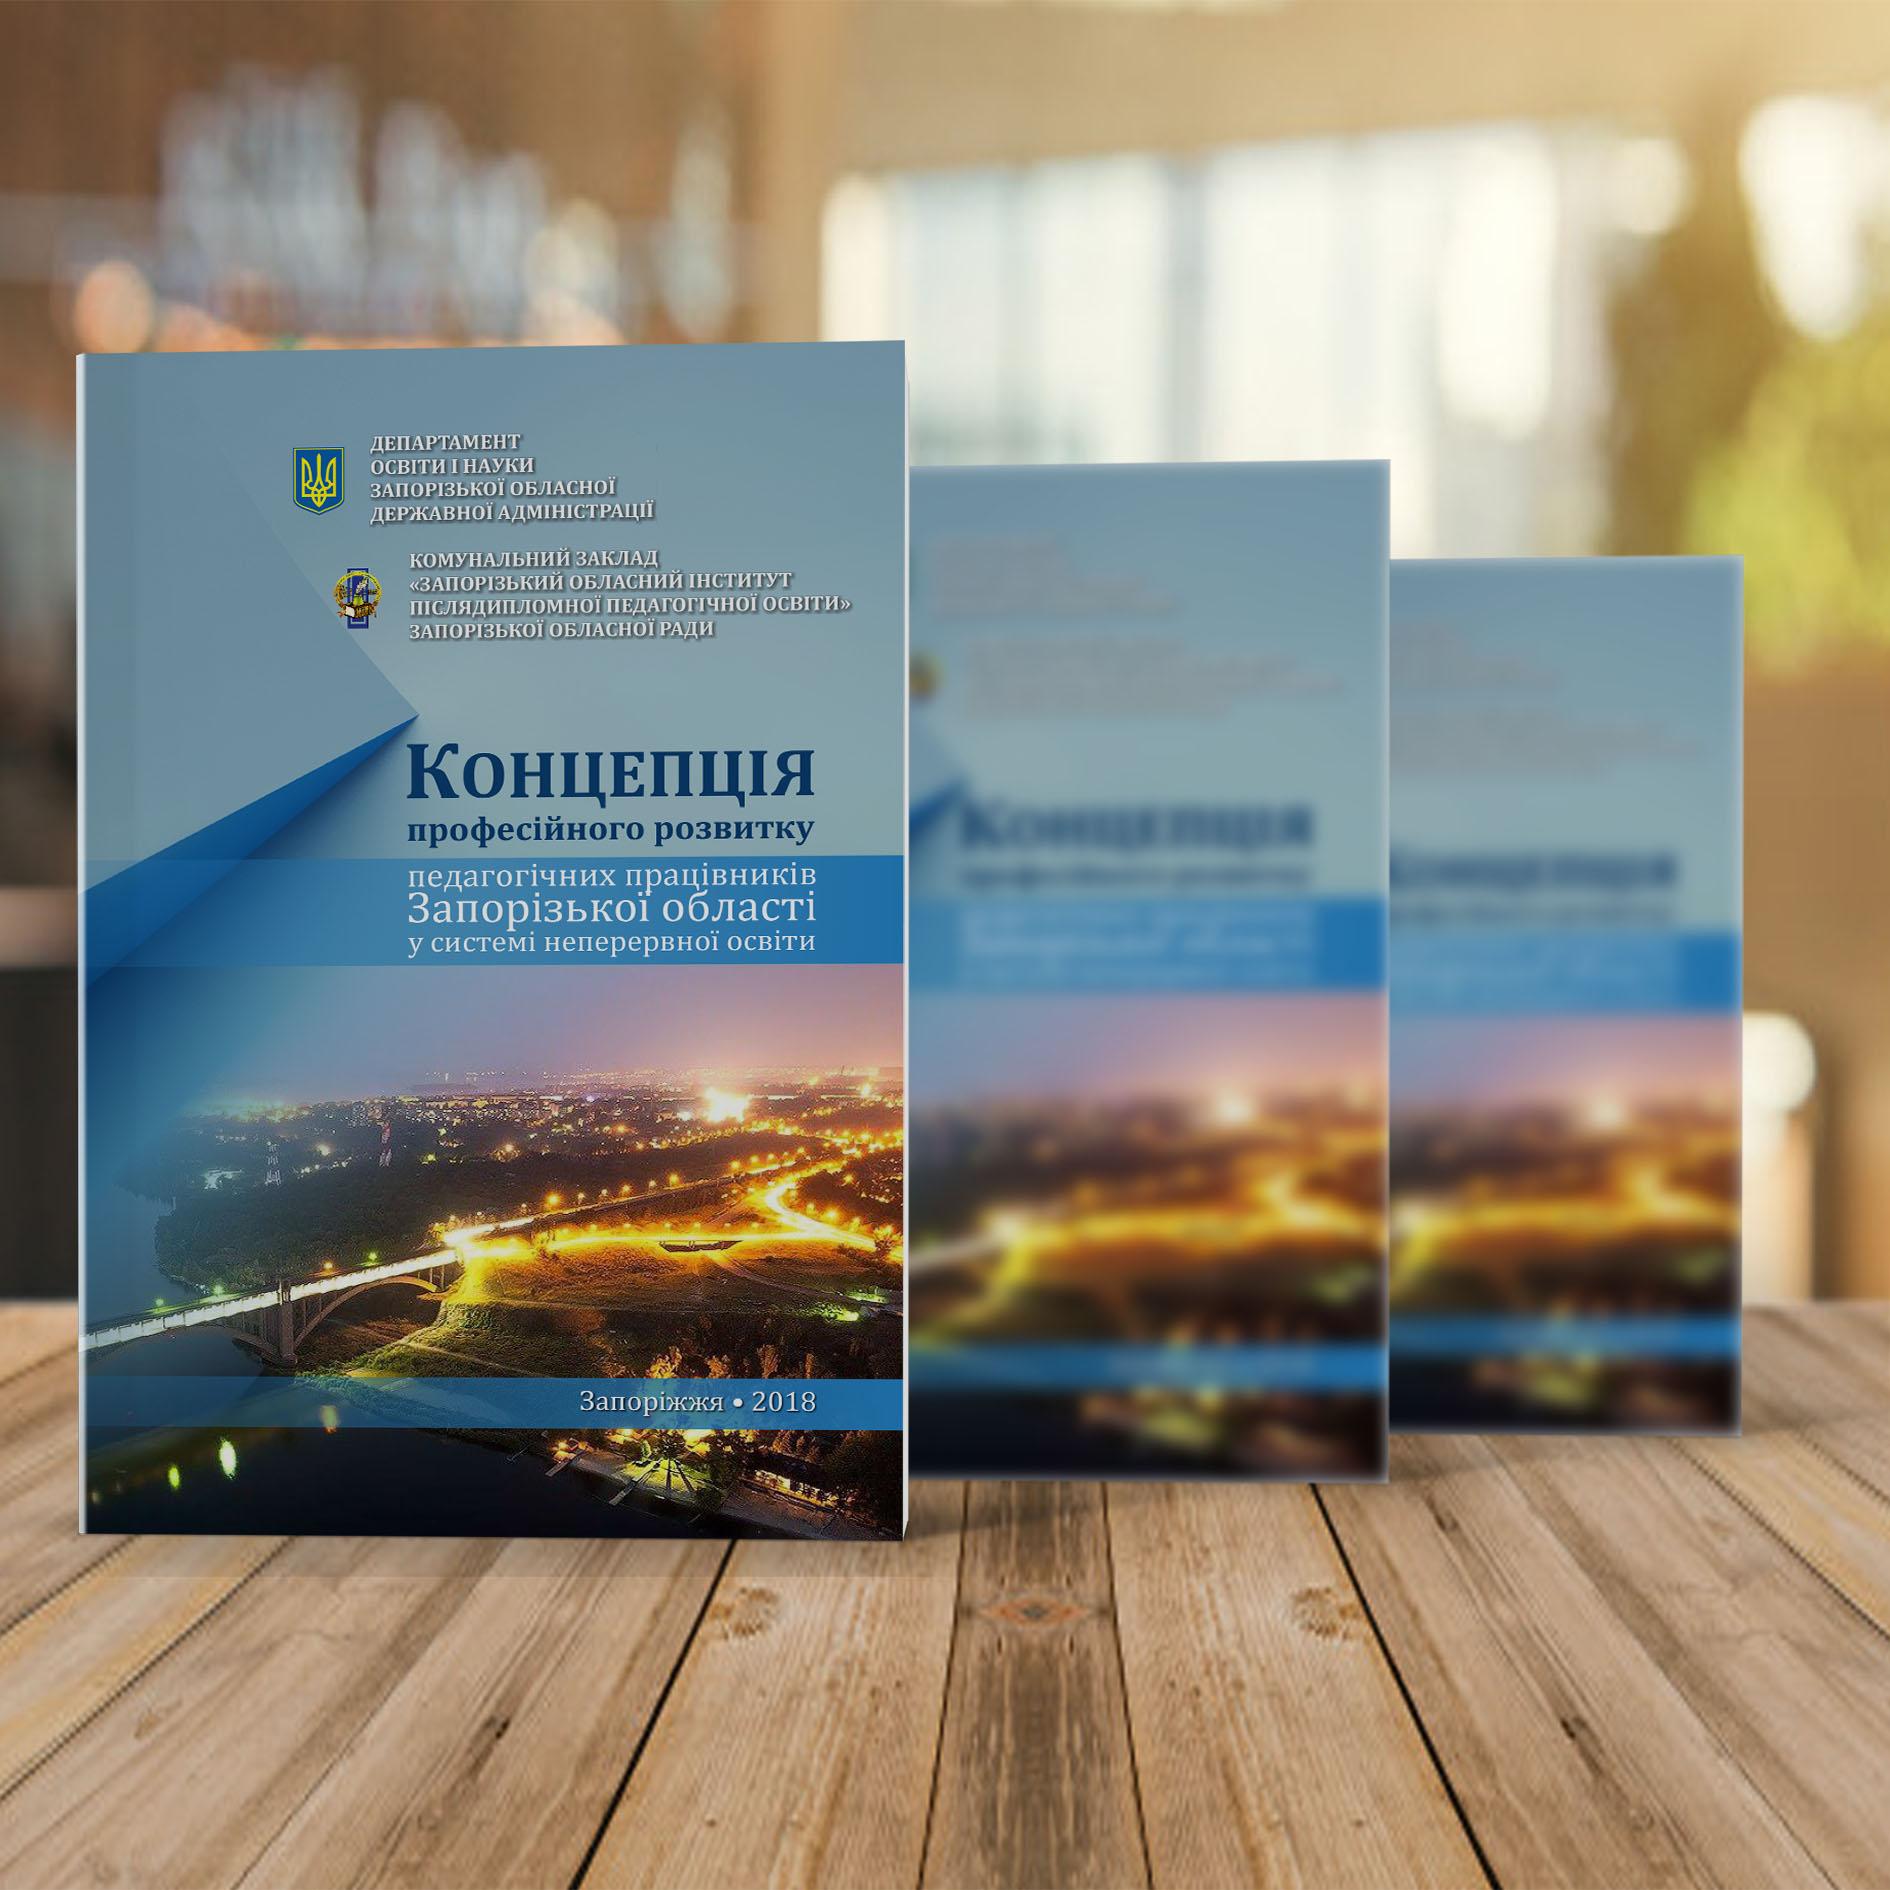 Издательство «СТАТУС» представляет методические рекомендации по организации профессионального развития педагогов Запорожской области